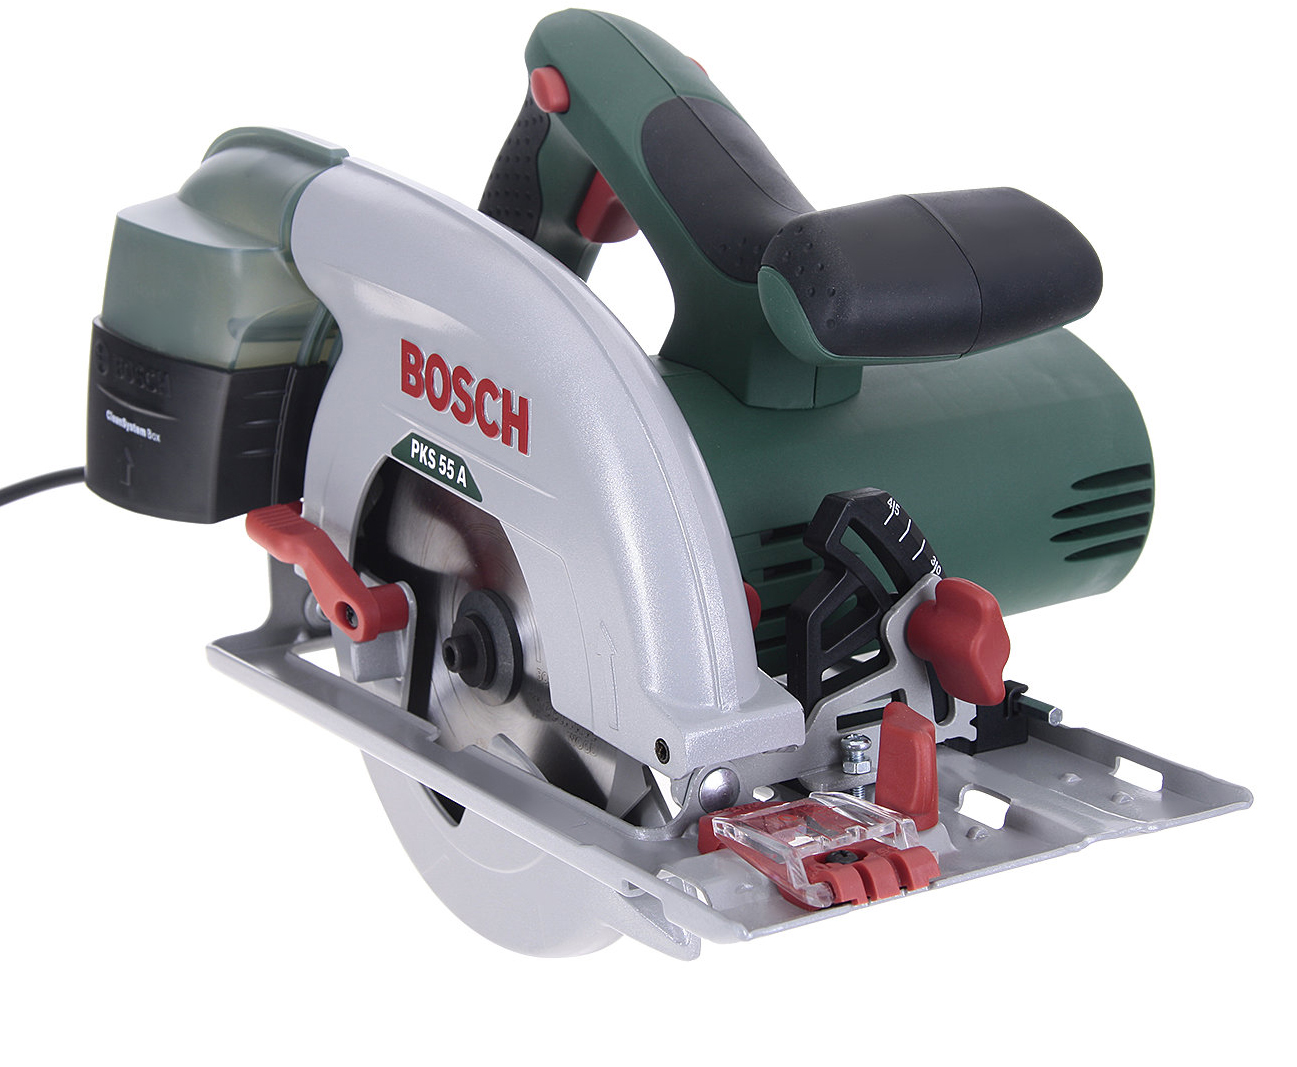 Пила циркулярная Bosch Pks 55 a (0.603.501.020) пила дисковая аккумуляторная bosch pks 18 li 0 603 3b1 300